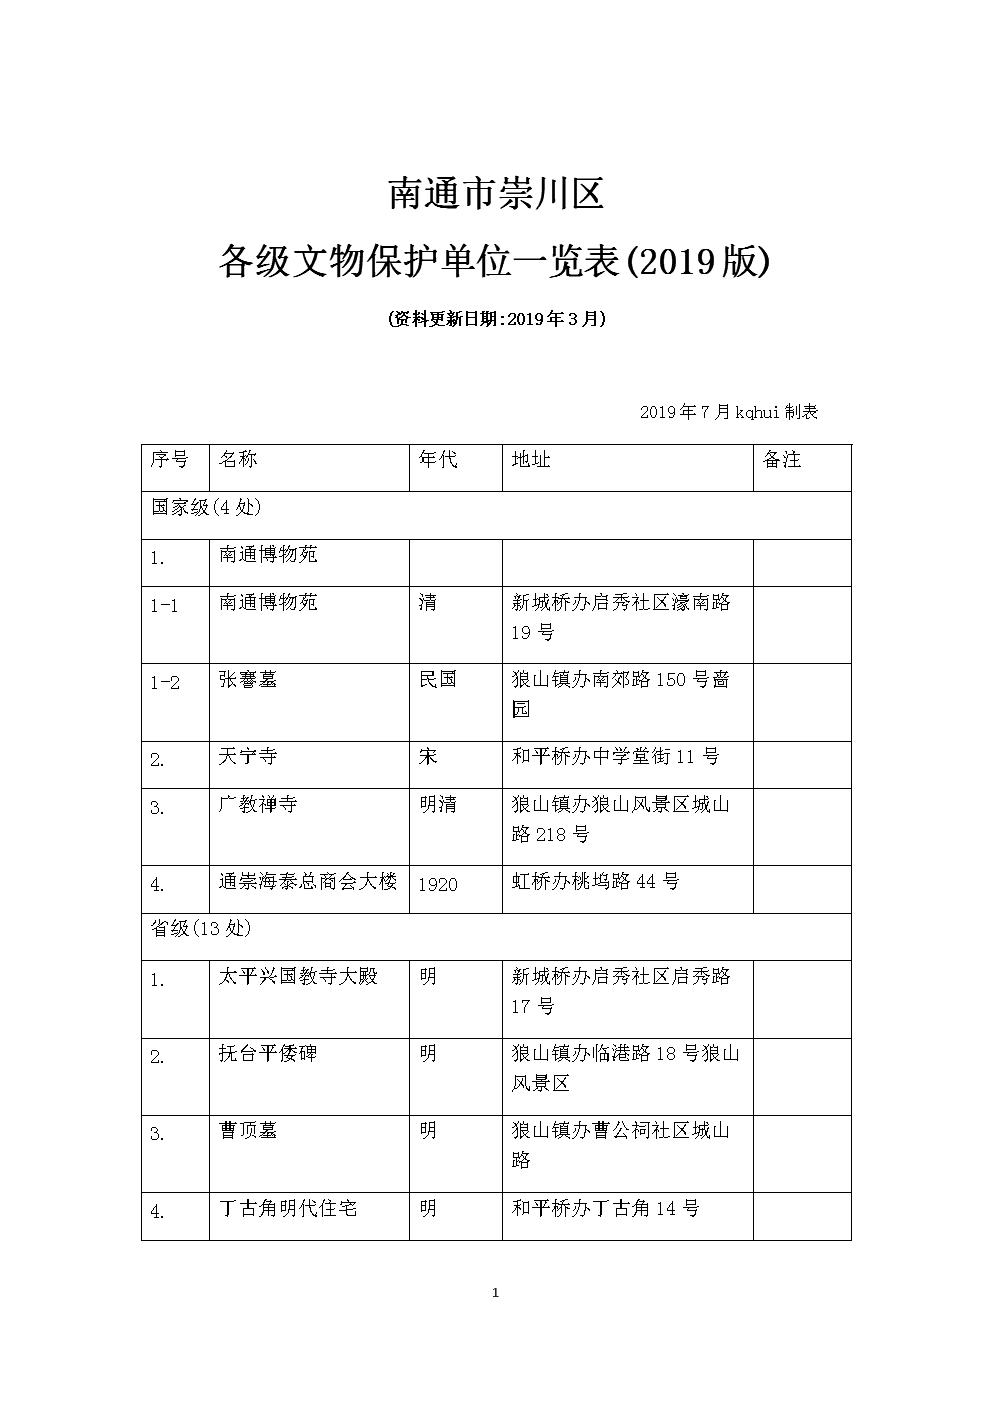 南通市崇川区各级文物保护单位一览表(2019版).docx